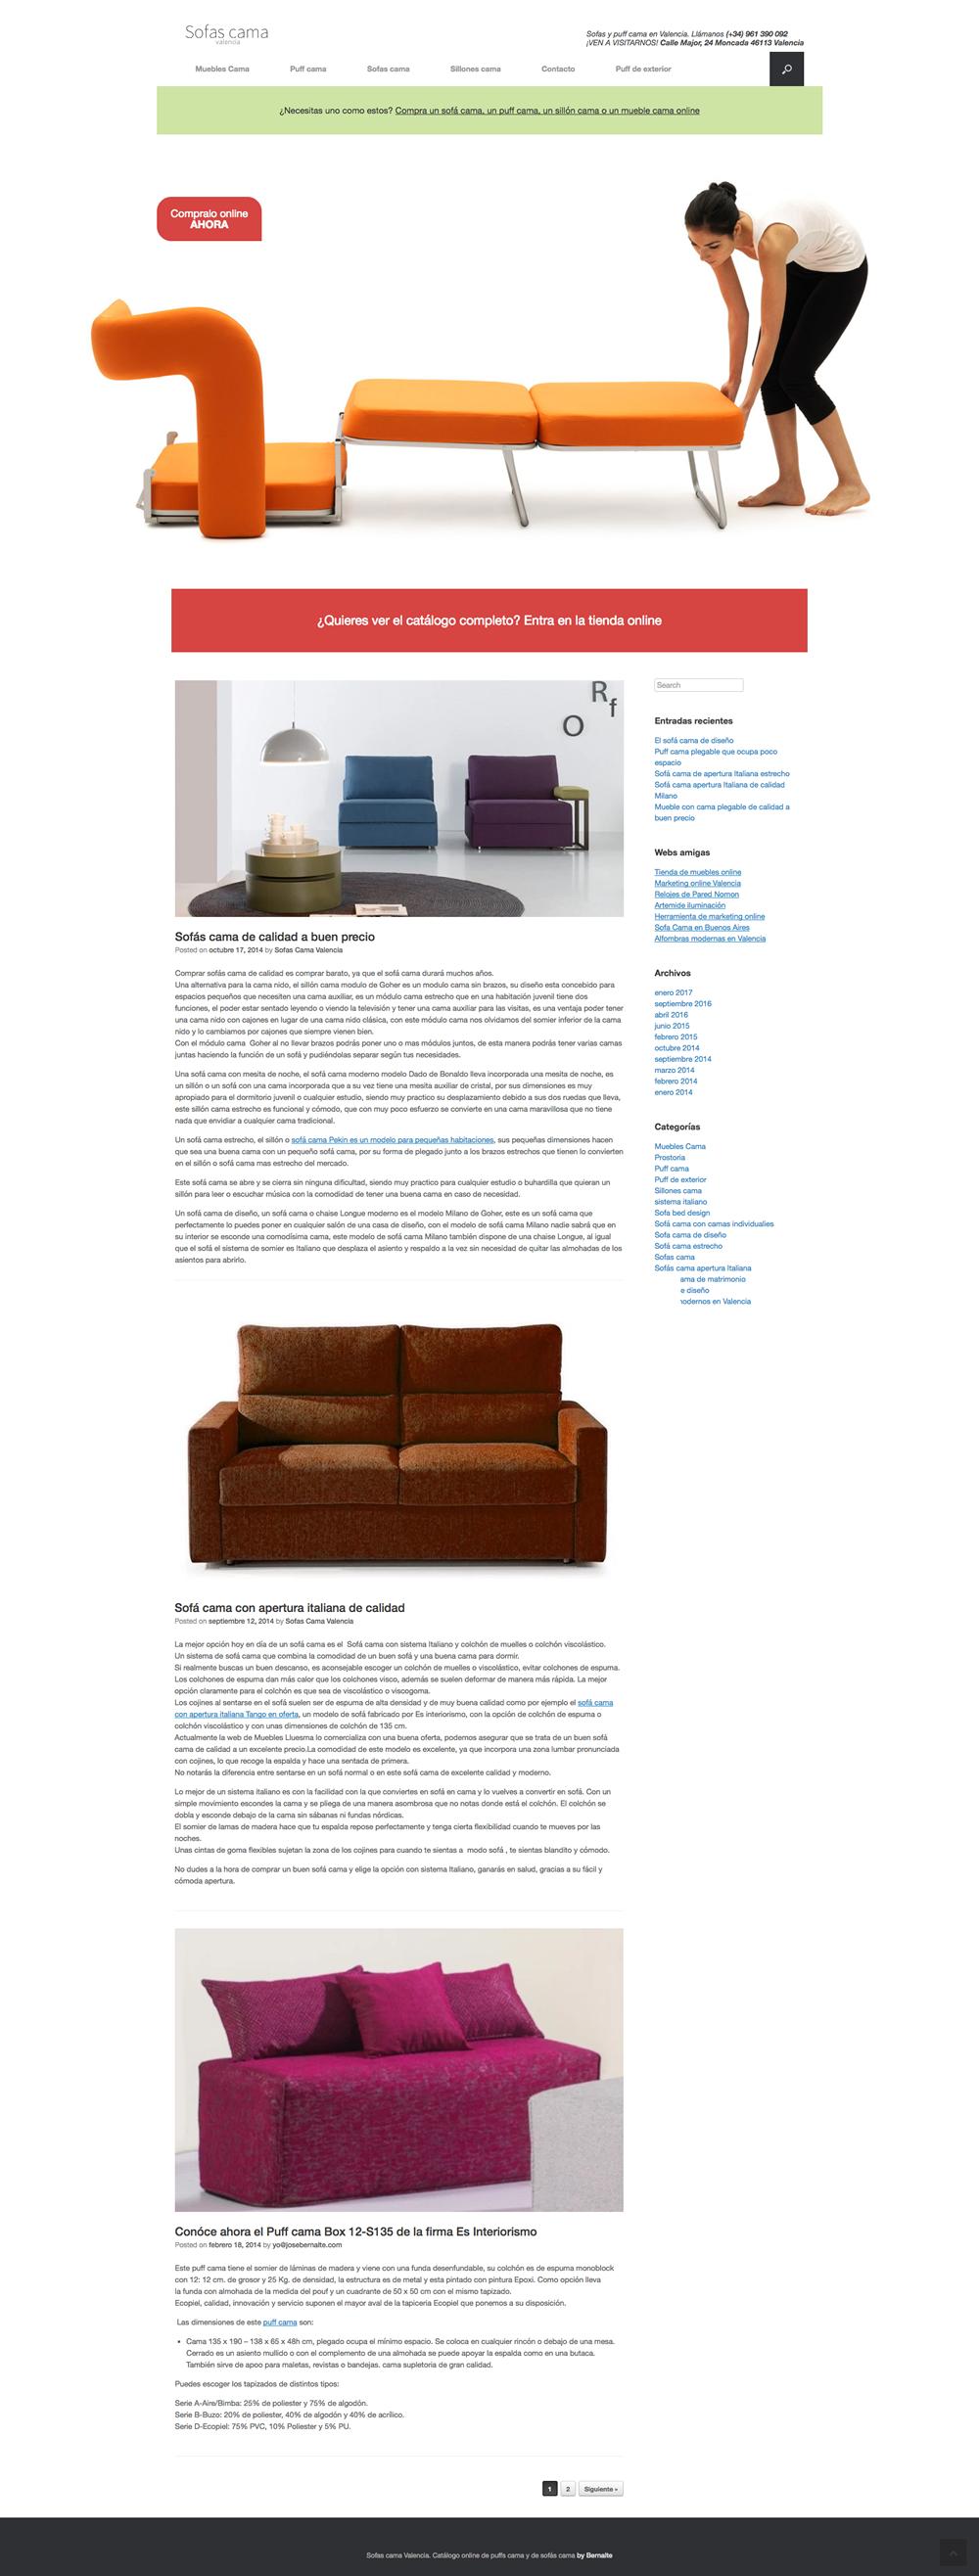 Desarrollo de blog para sofas y puff cama valencia